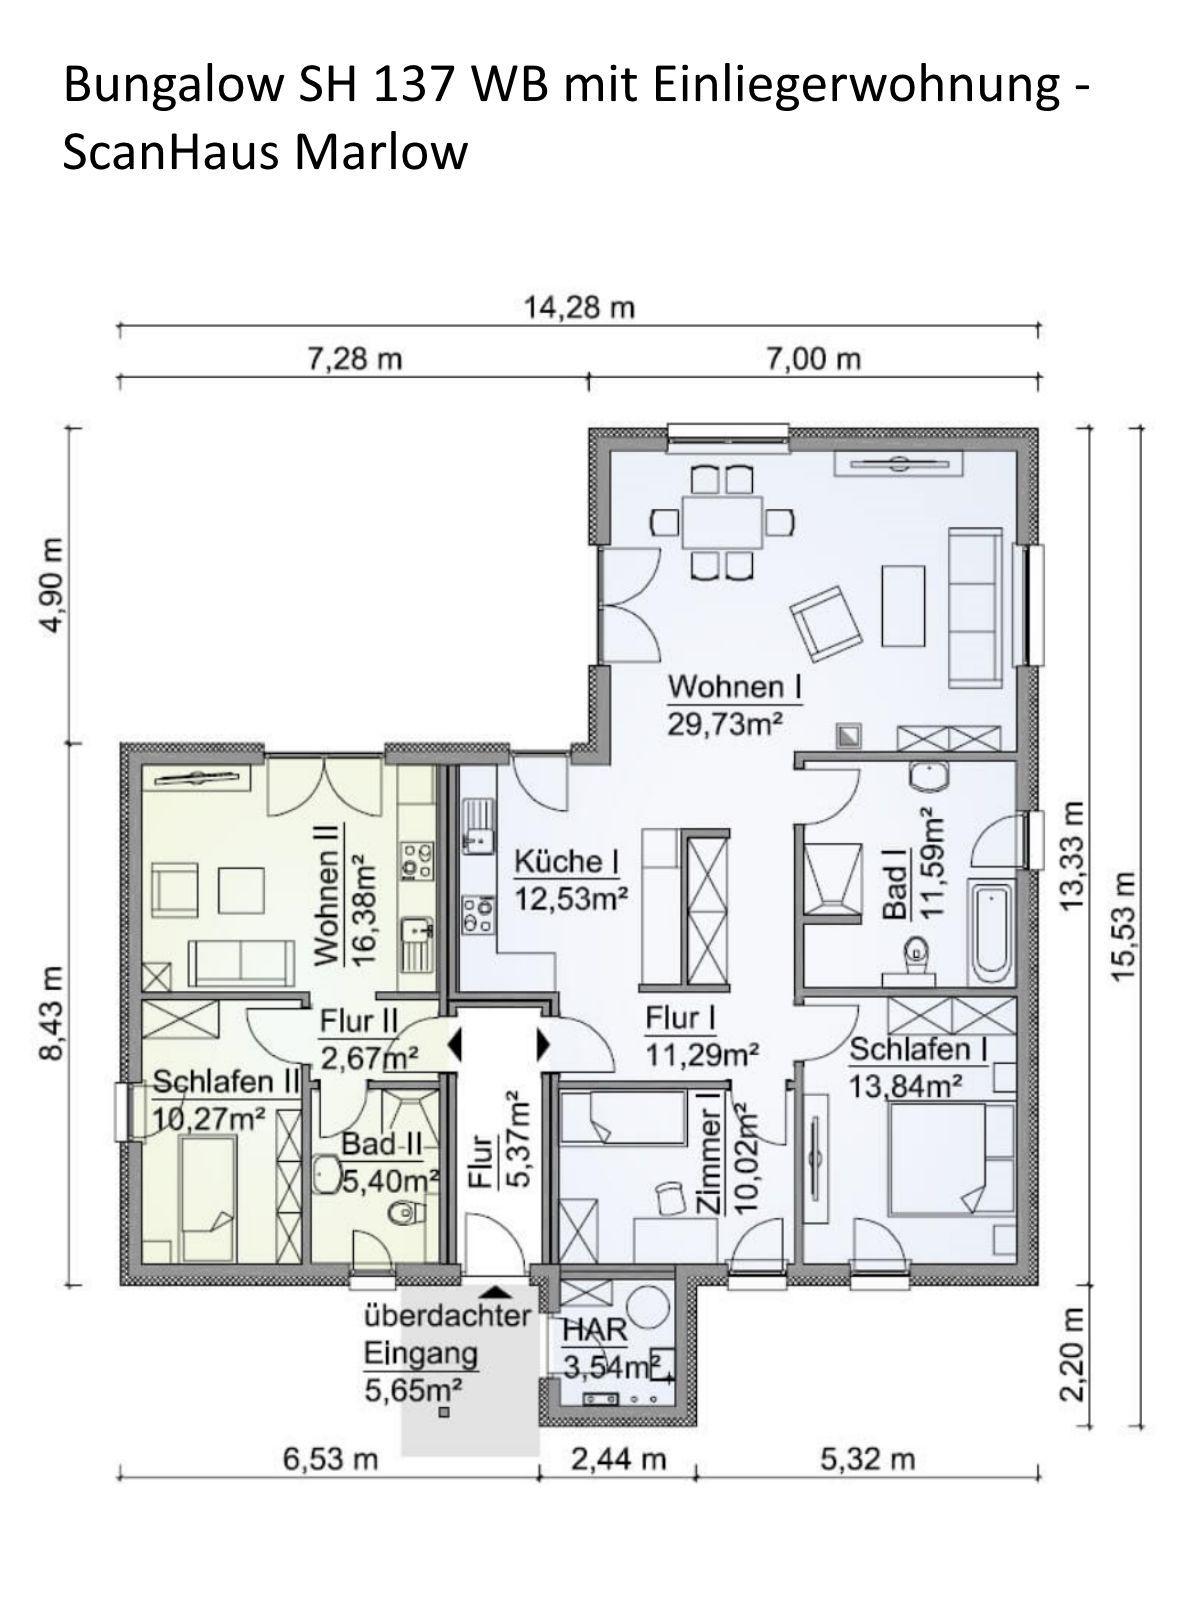 Grundriss Bungalow Haus mit Einliegerwohnung & Walmdach